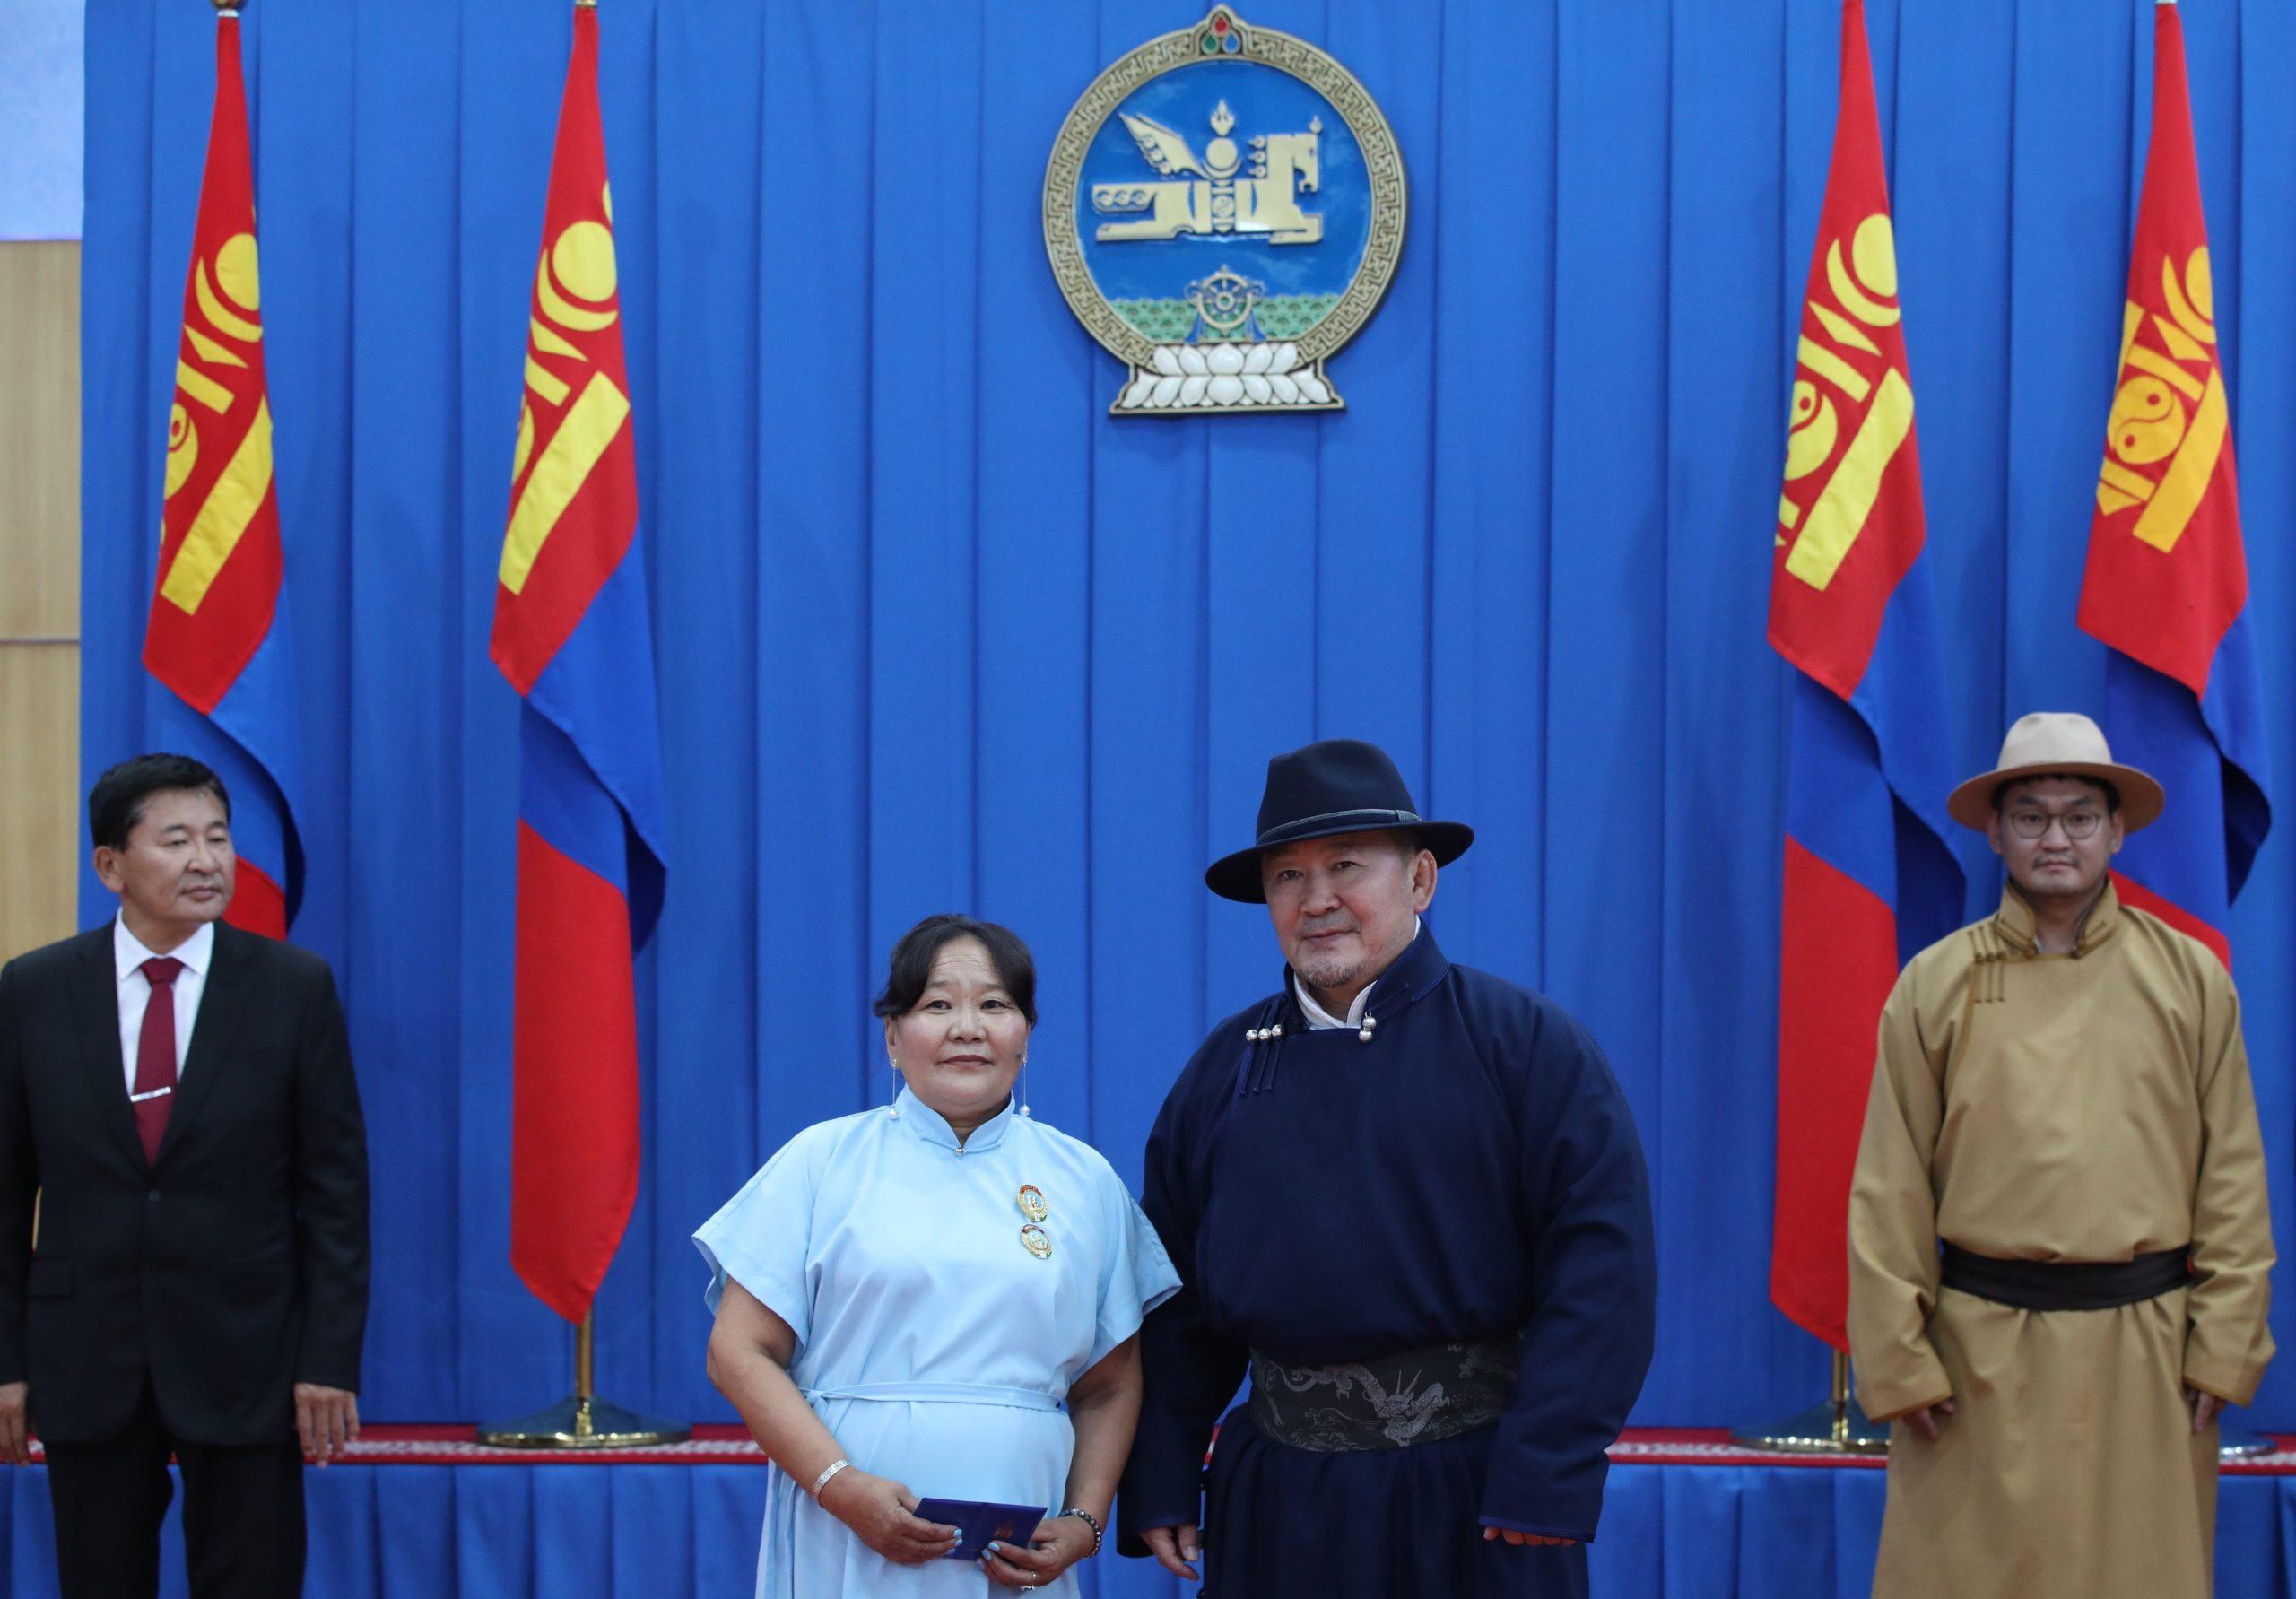 """Монгол Улсын Ерөнхийлөгч Х.Баттулга Дорноговь аймагт ажиллаж, """"Эхийн алдар"""" одон гардууллаа"""